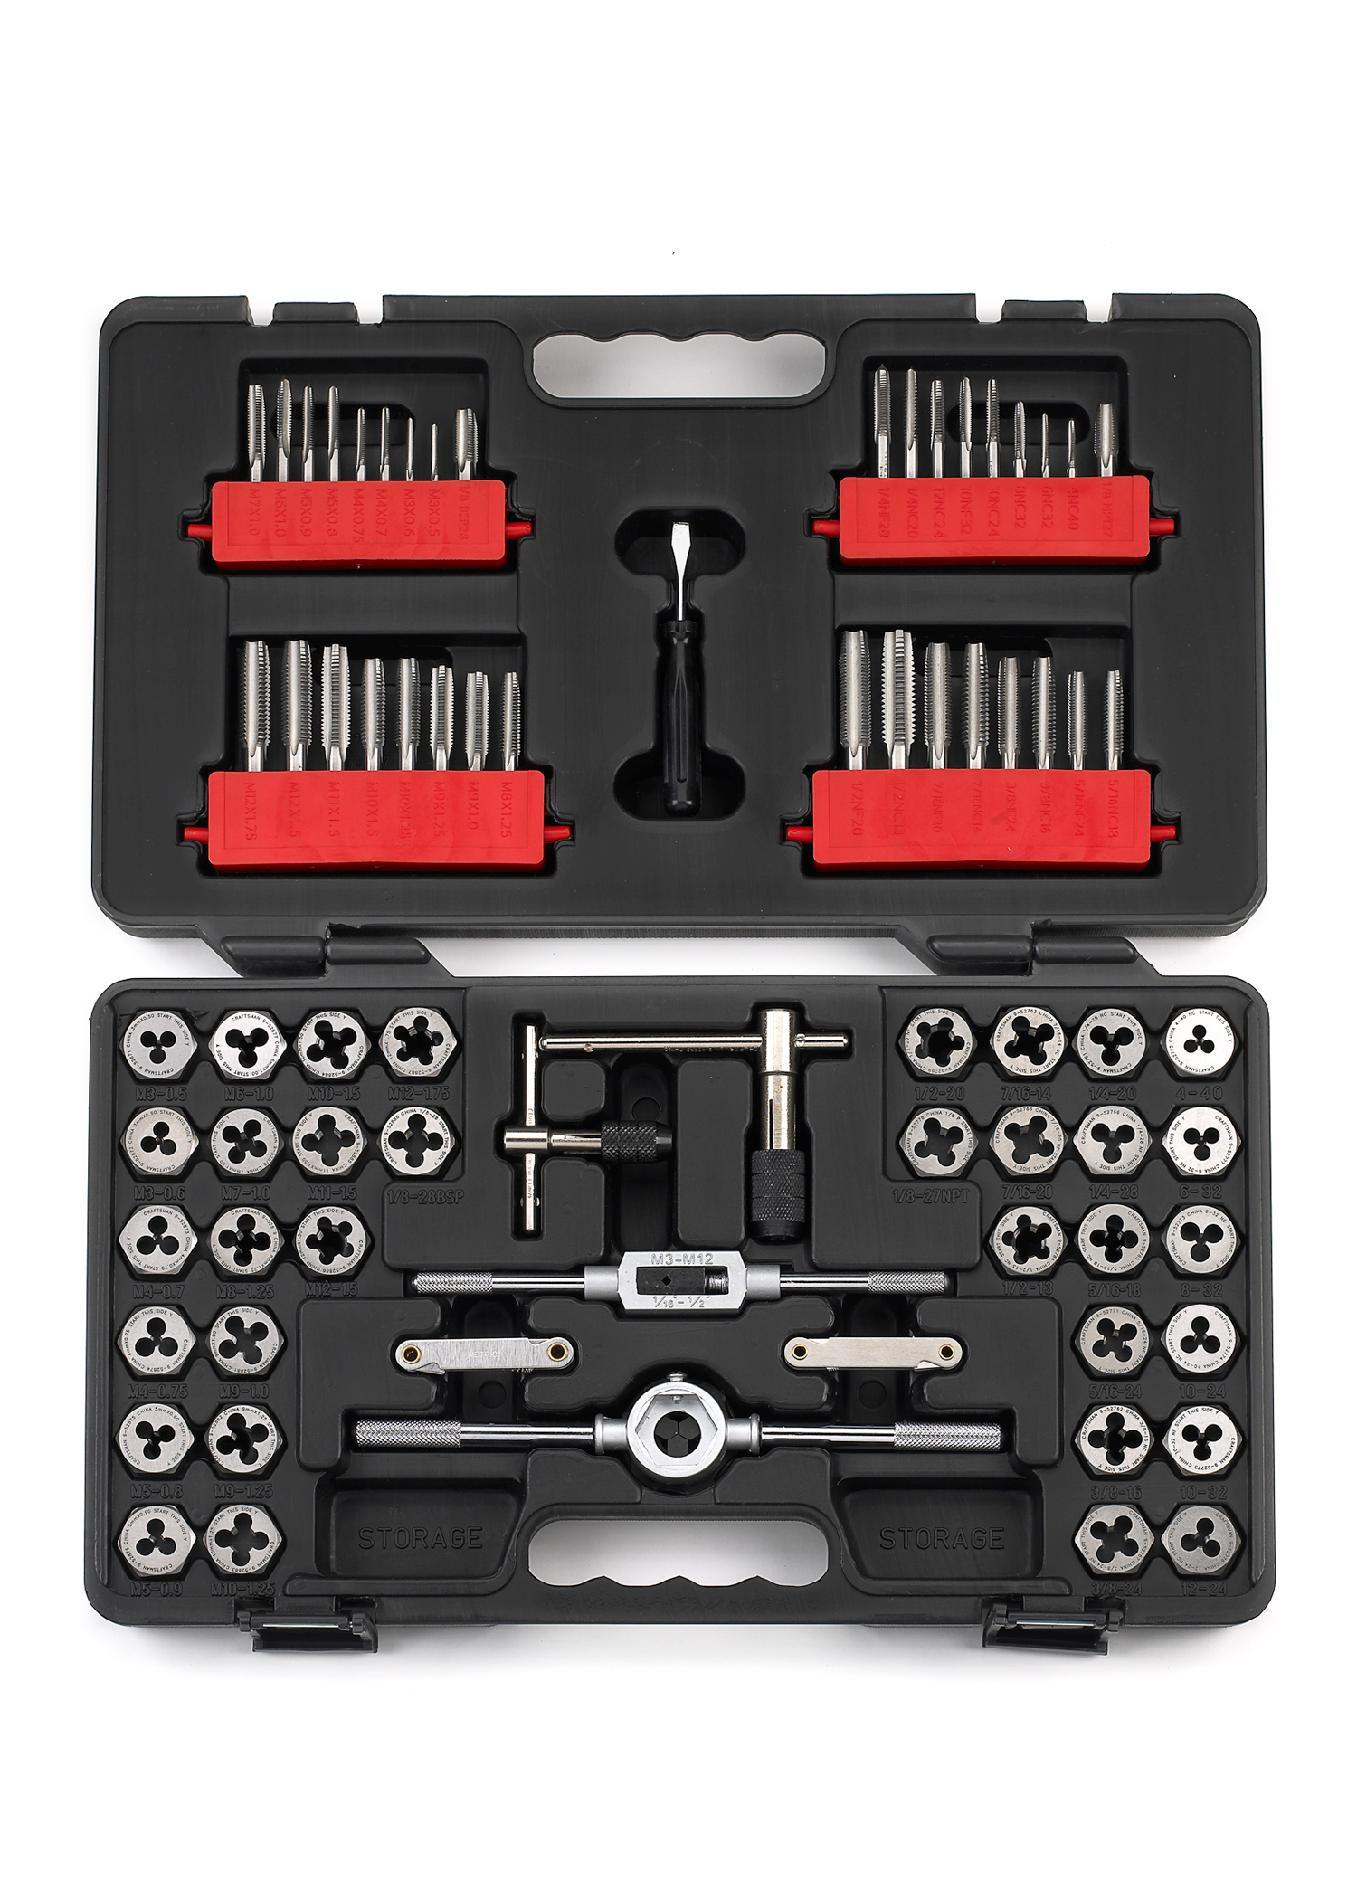 75 Piece Tap Die Carbon Steel Set Long Lasting Tools From Sears Tap Die Hand Tool Sets Tools